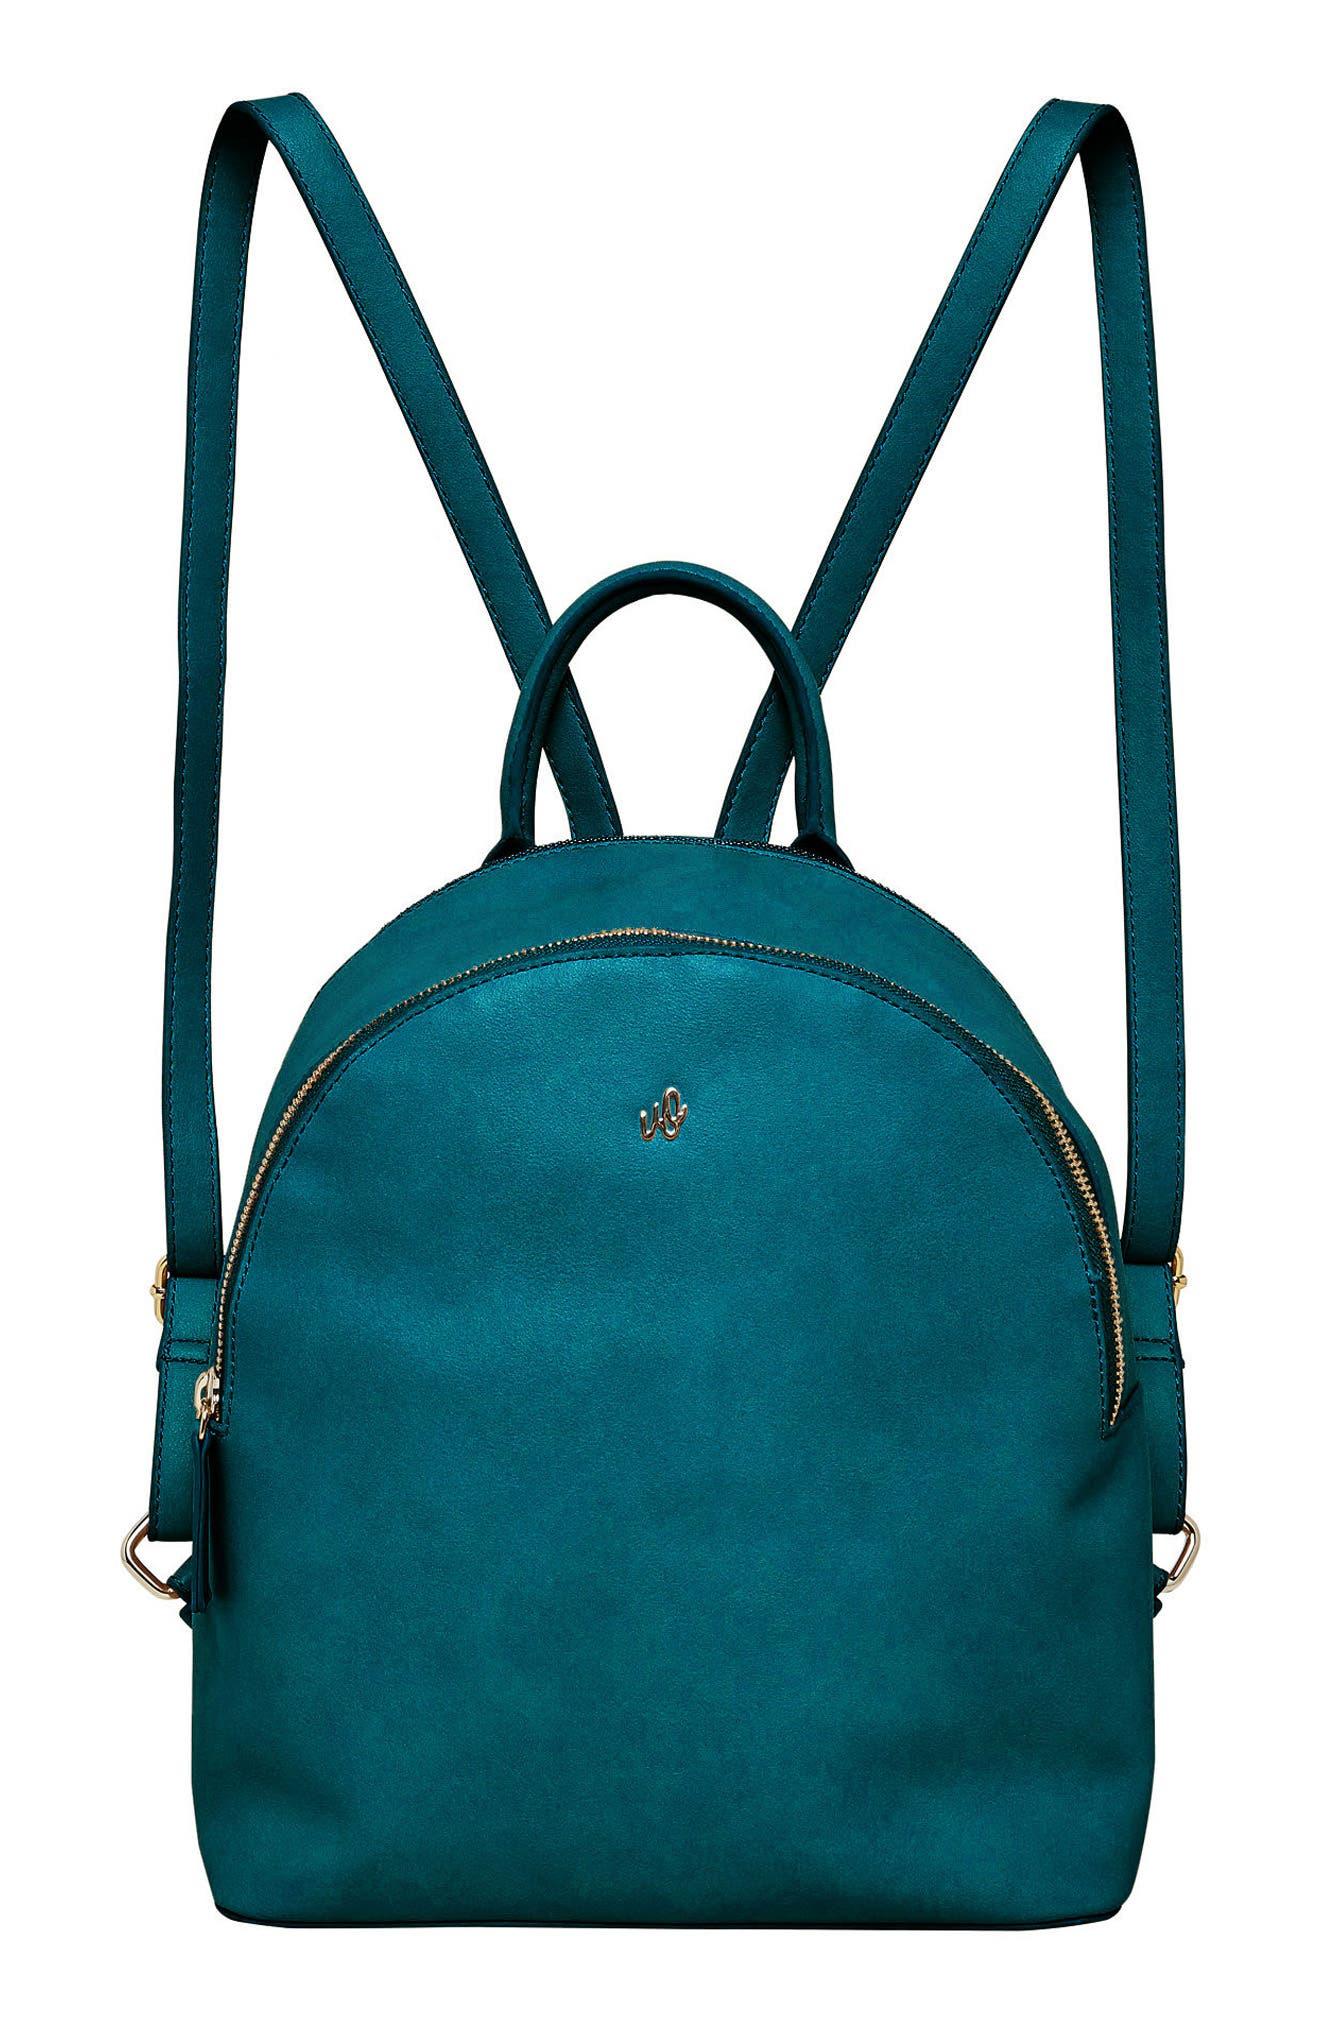 Main Image - Urban Originals Magic Vegan Leather Backpack